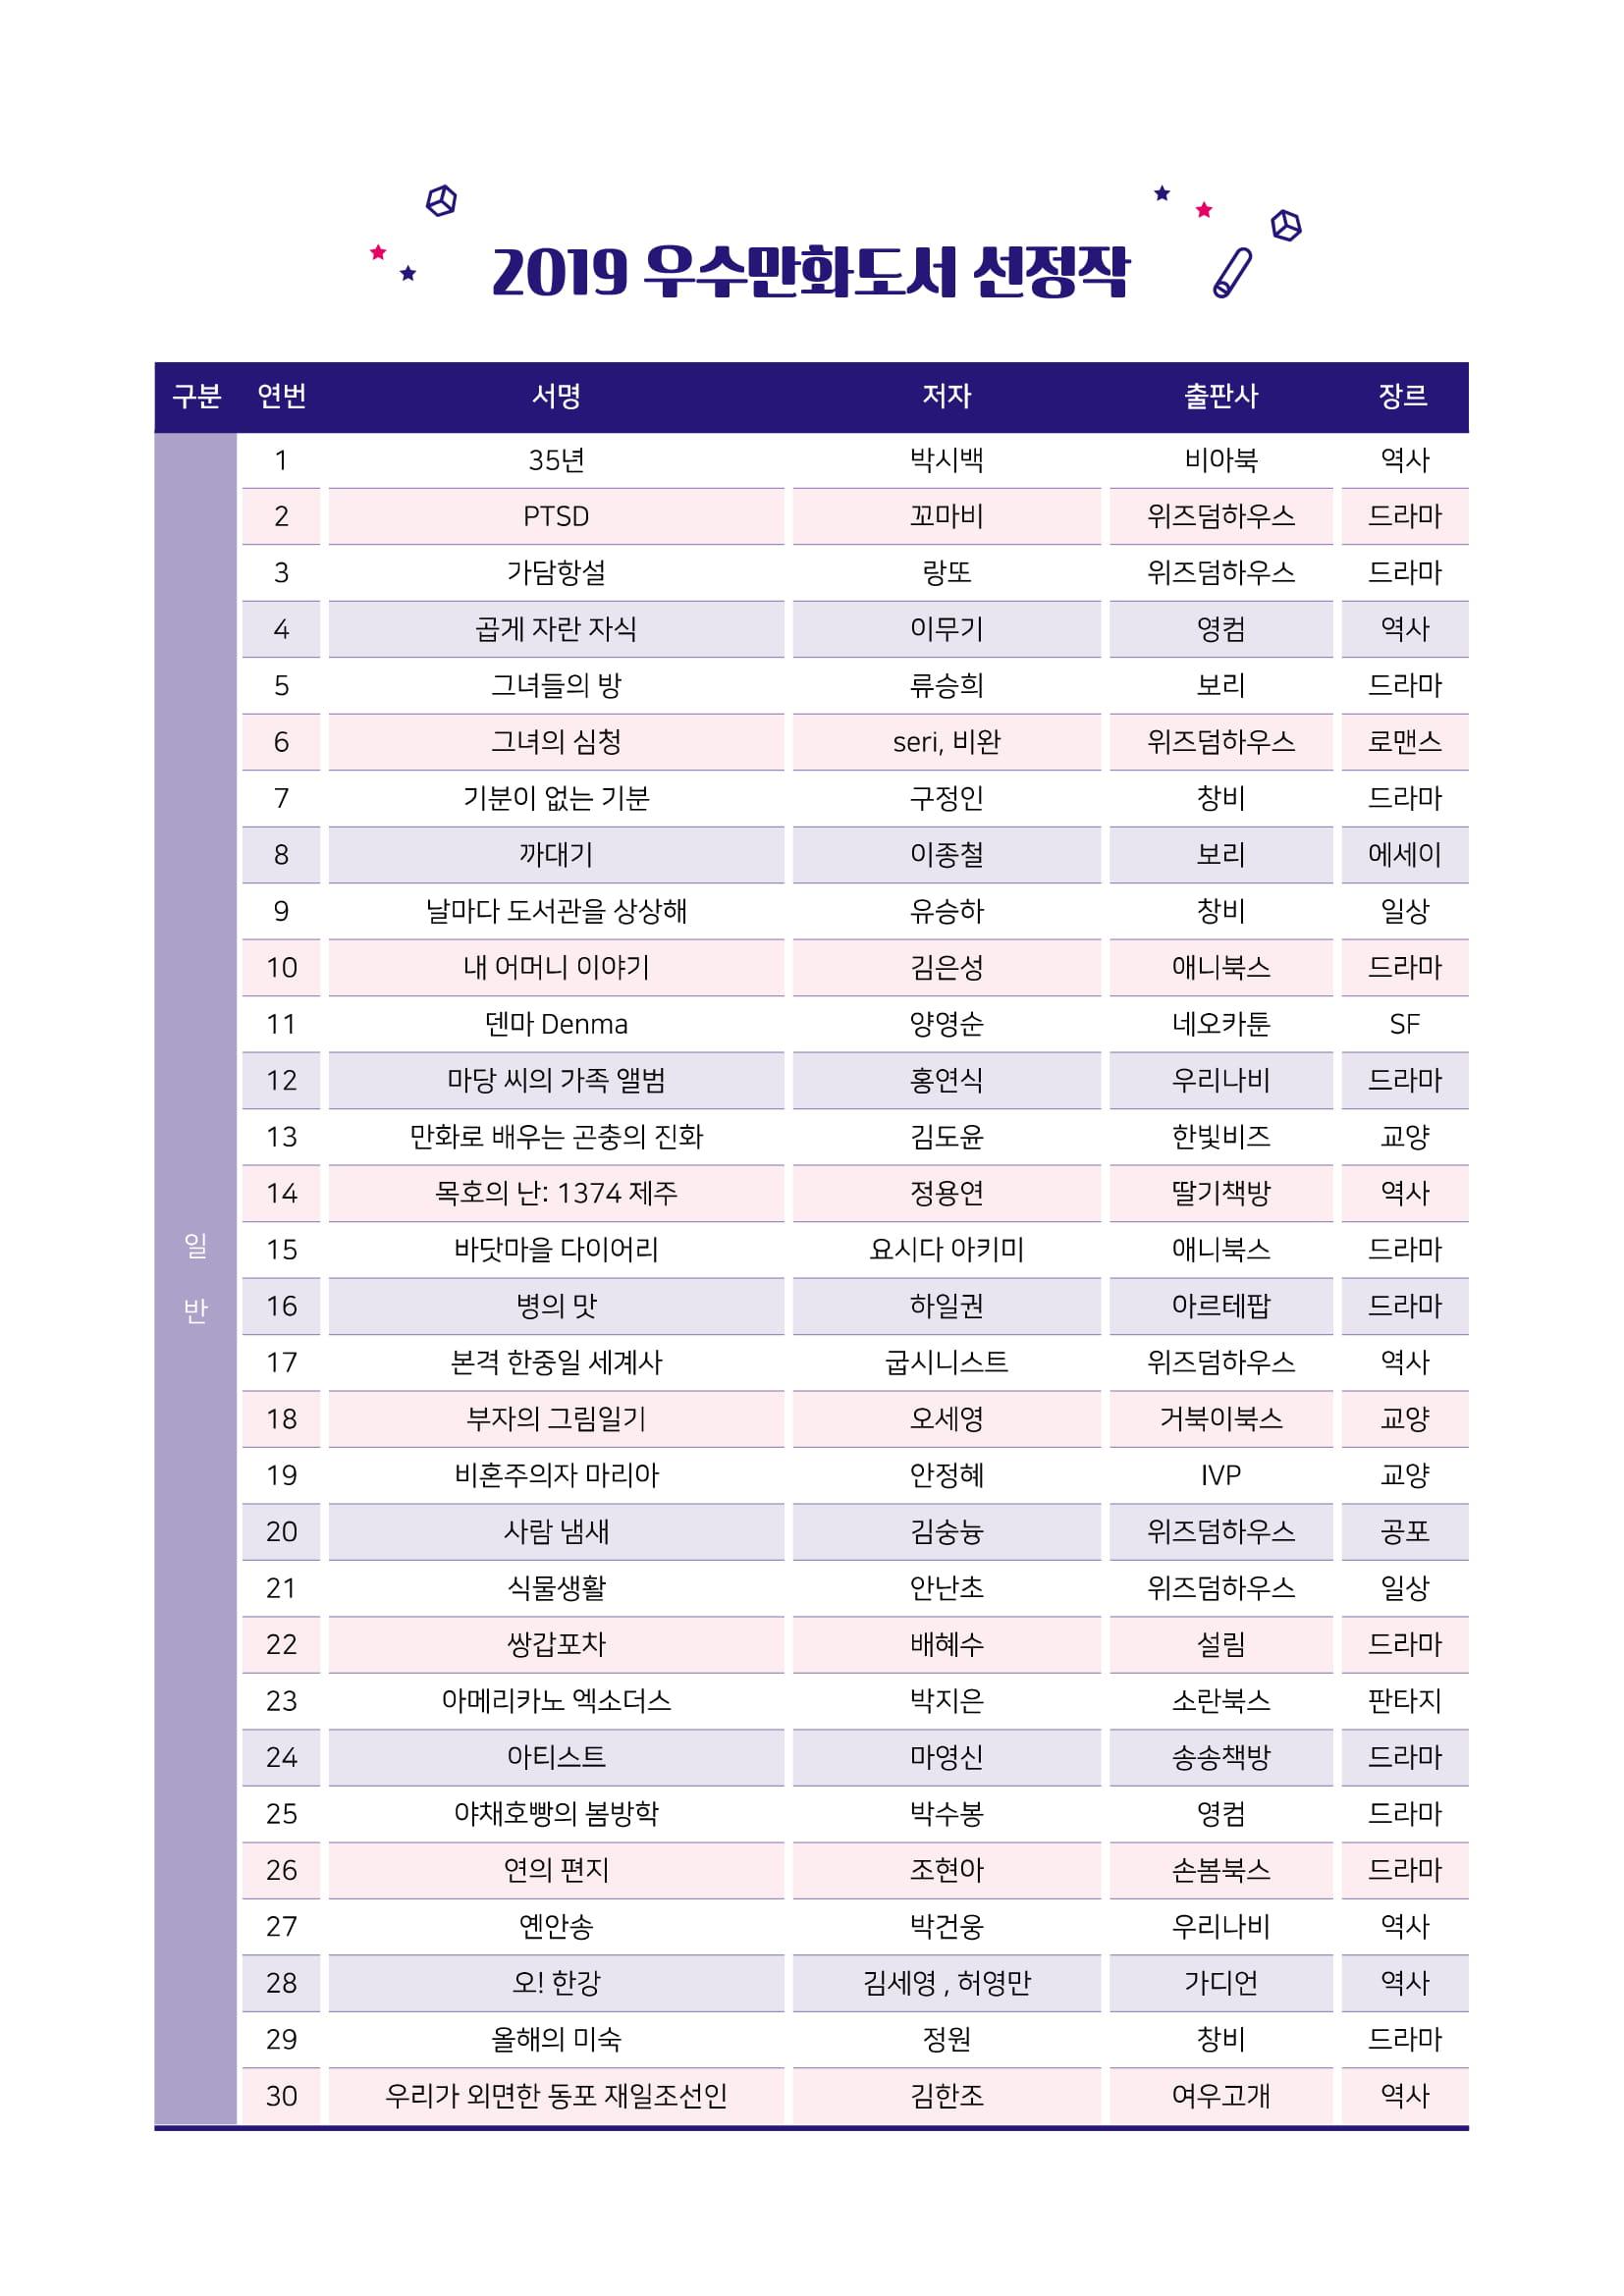 한국만화영상진흥원, 우수만화도서 60종 선정... 일반-청소년 50종, 어린이부문 10종 선정